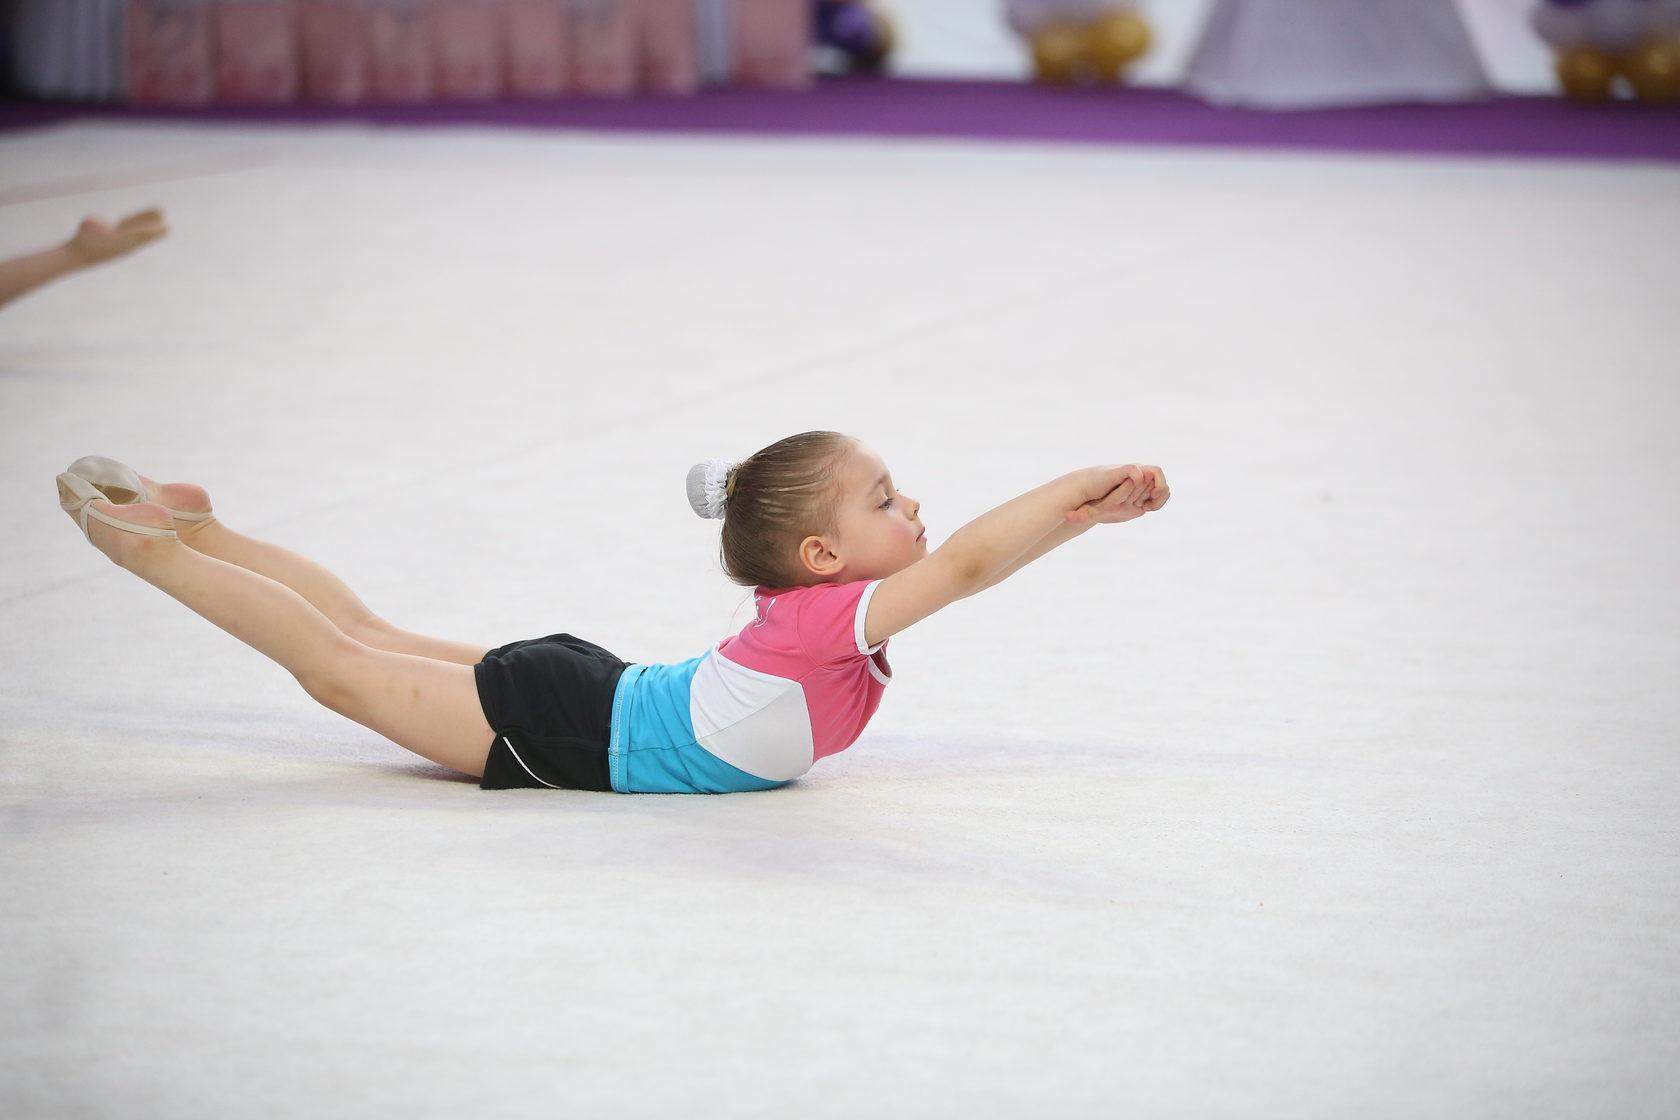 Фотки легкий легкой гимнастики